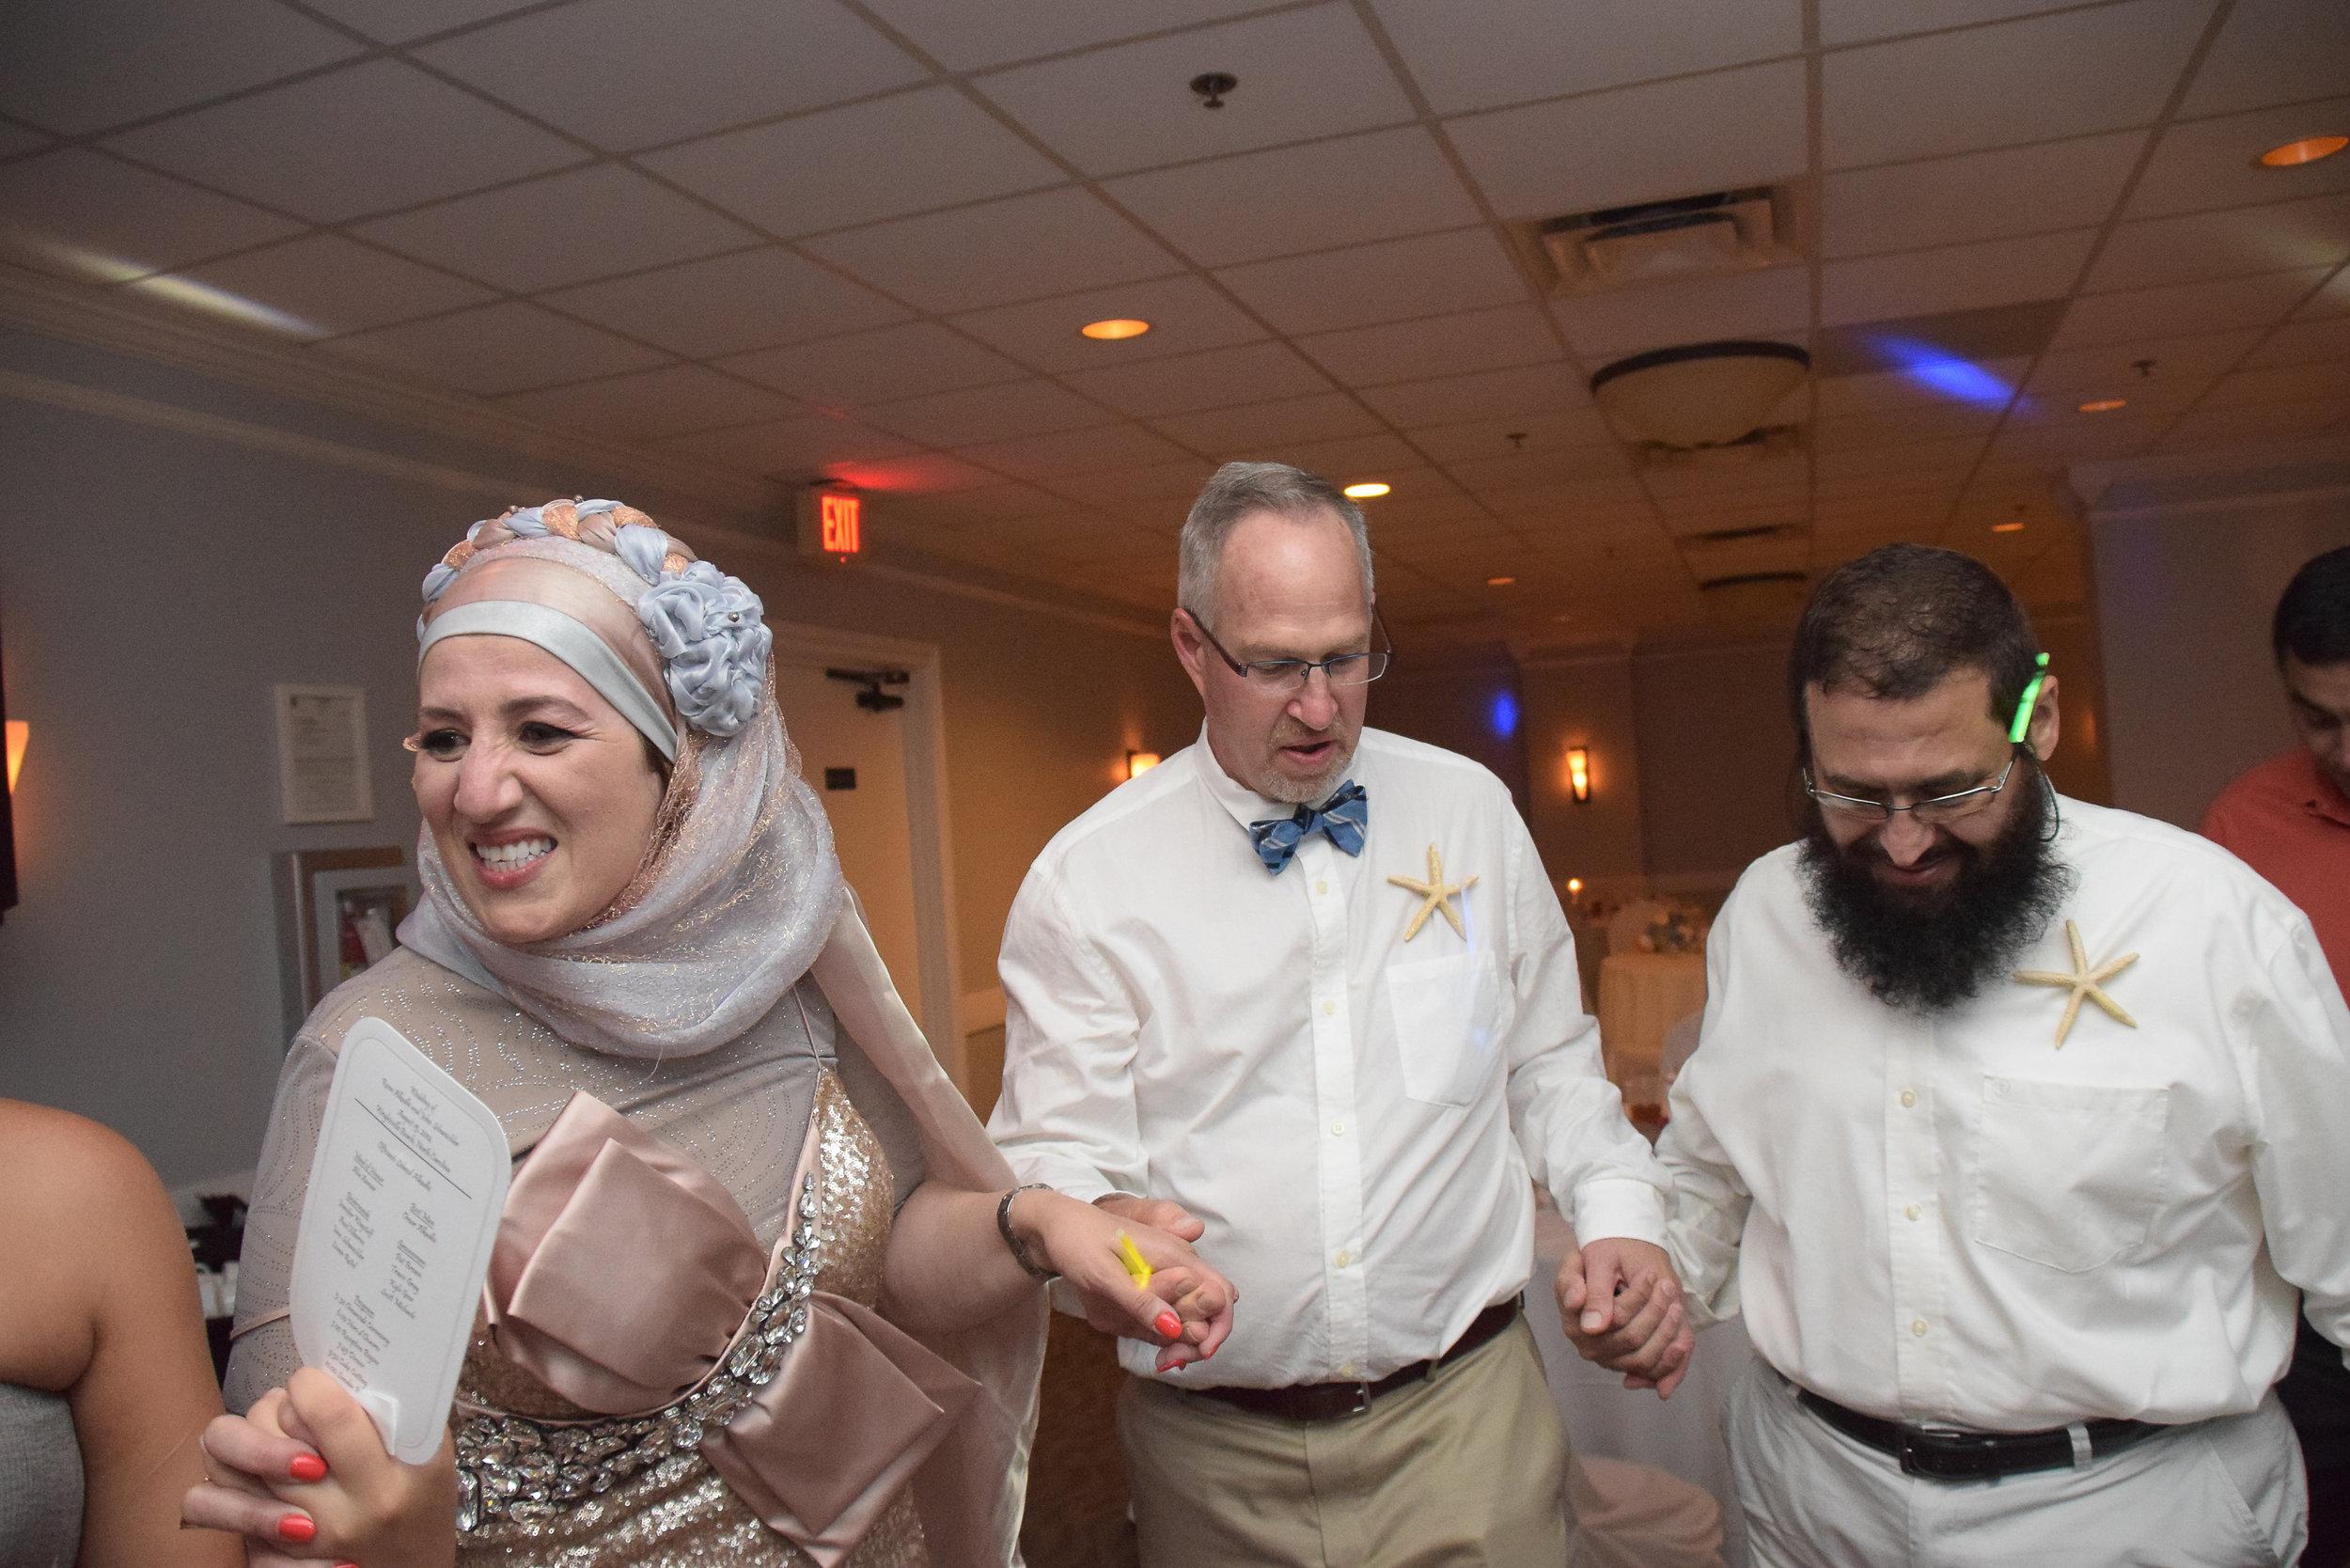 Dancing at reception.